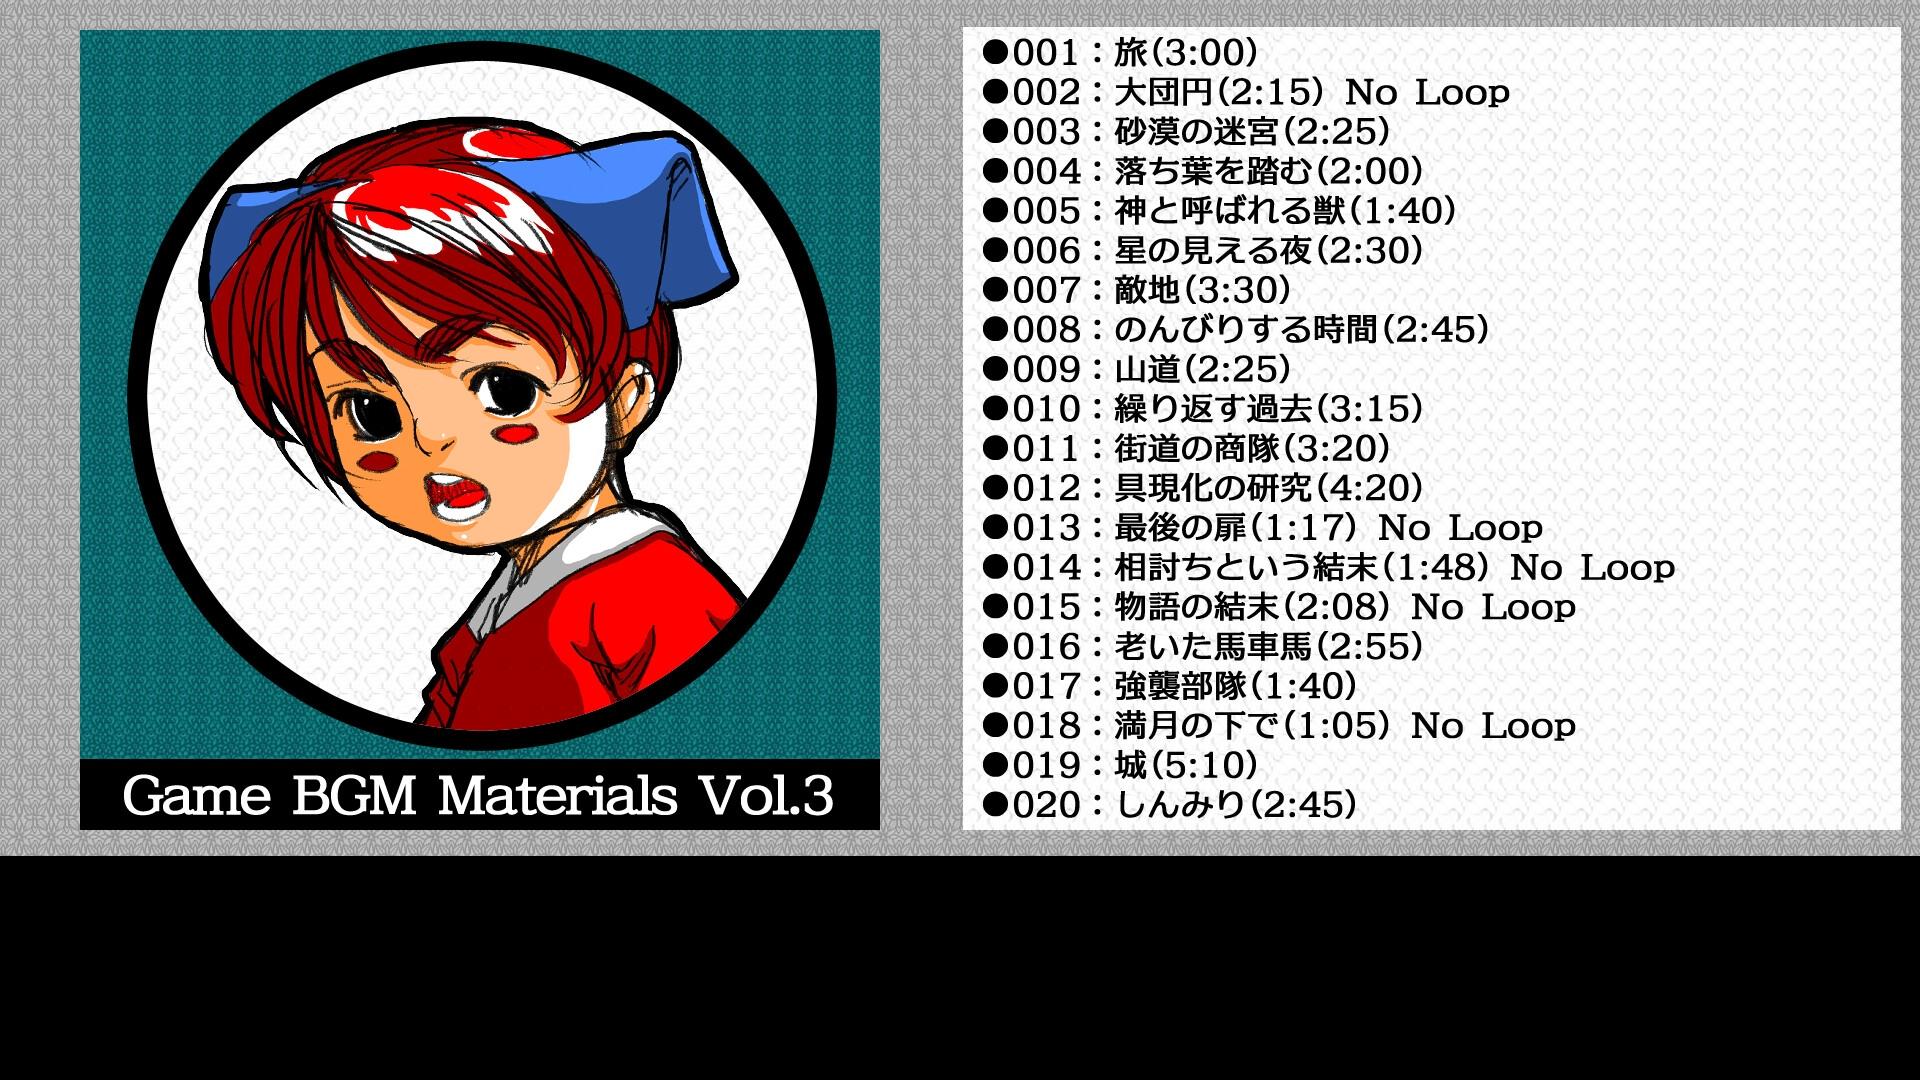 Game BGM Materials Vol.3